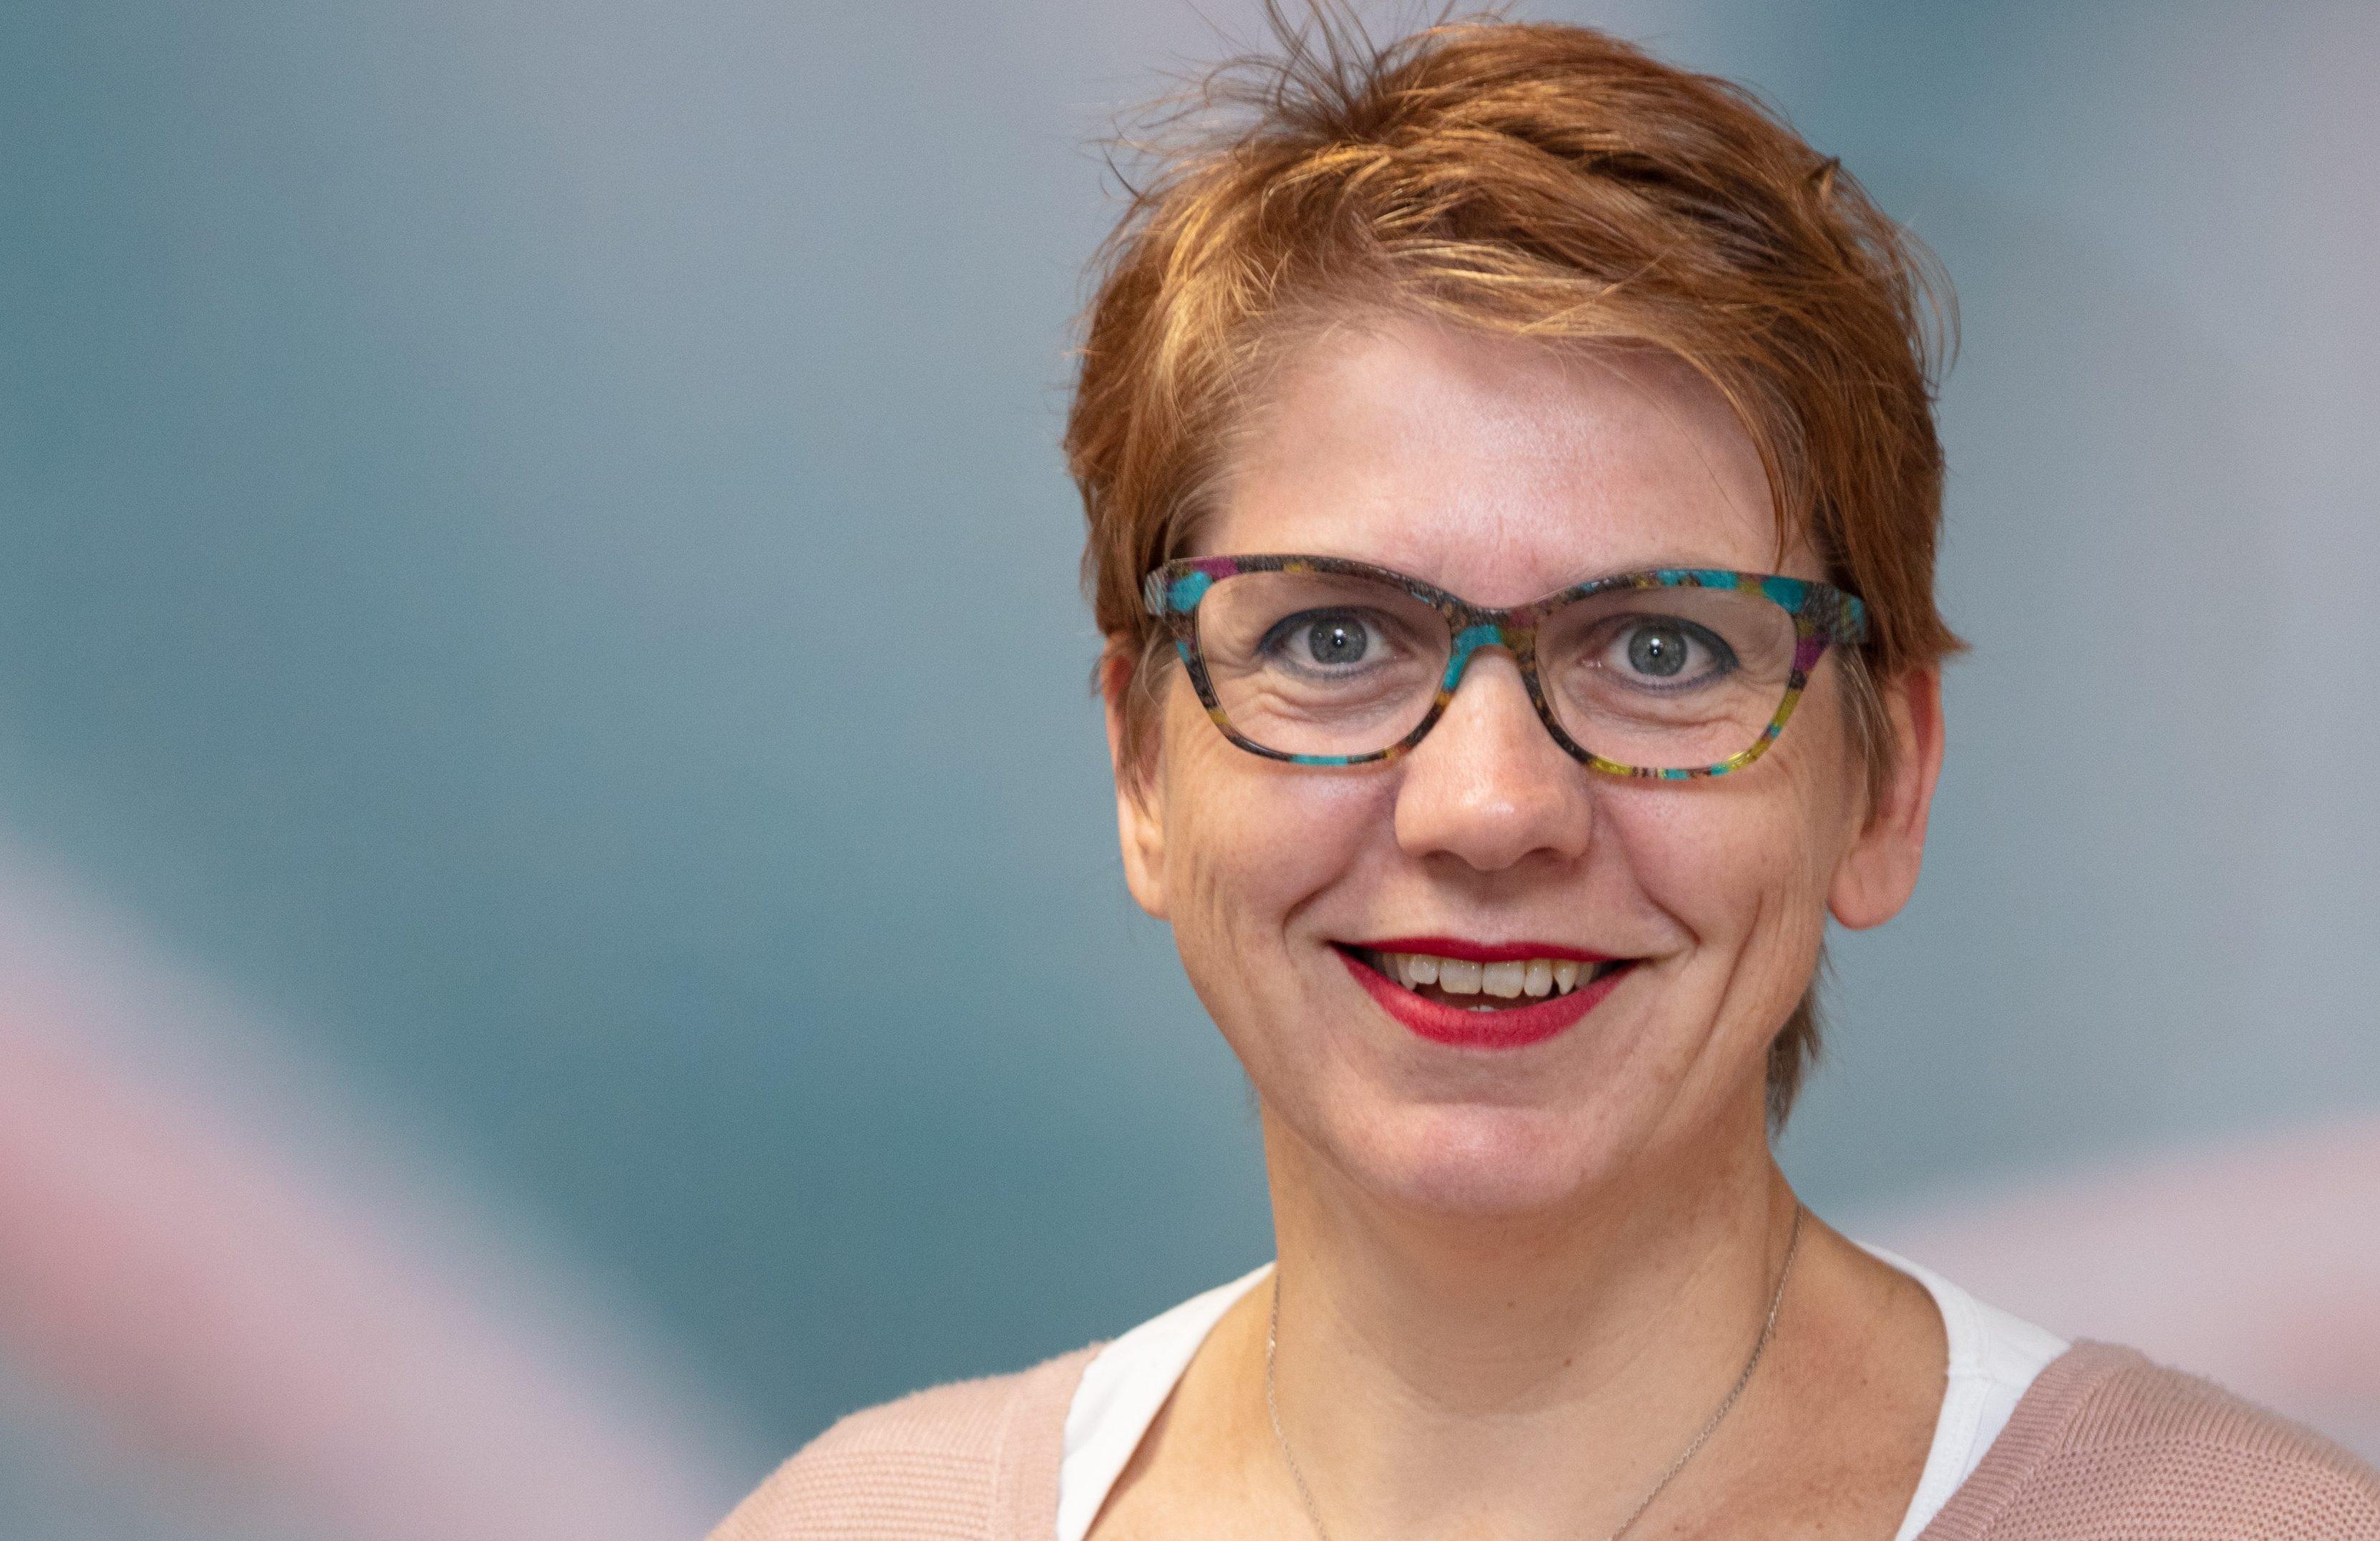 Heidi Peters